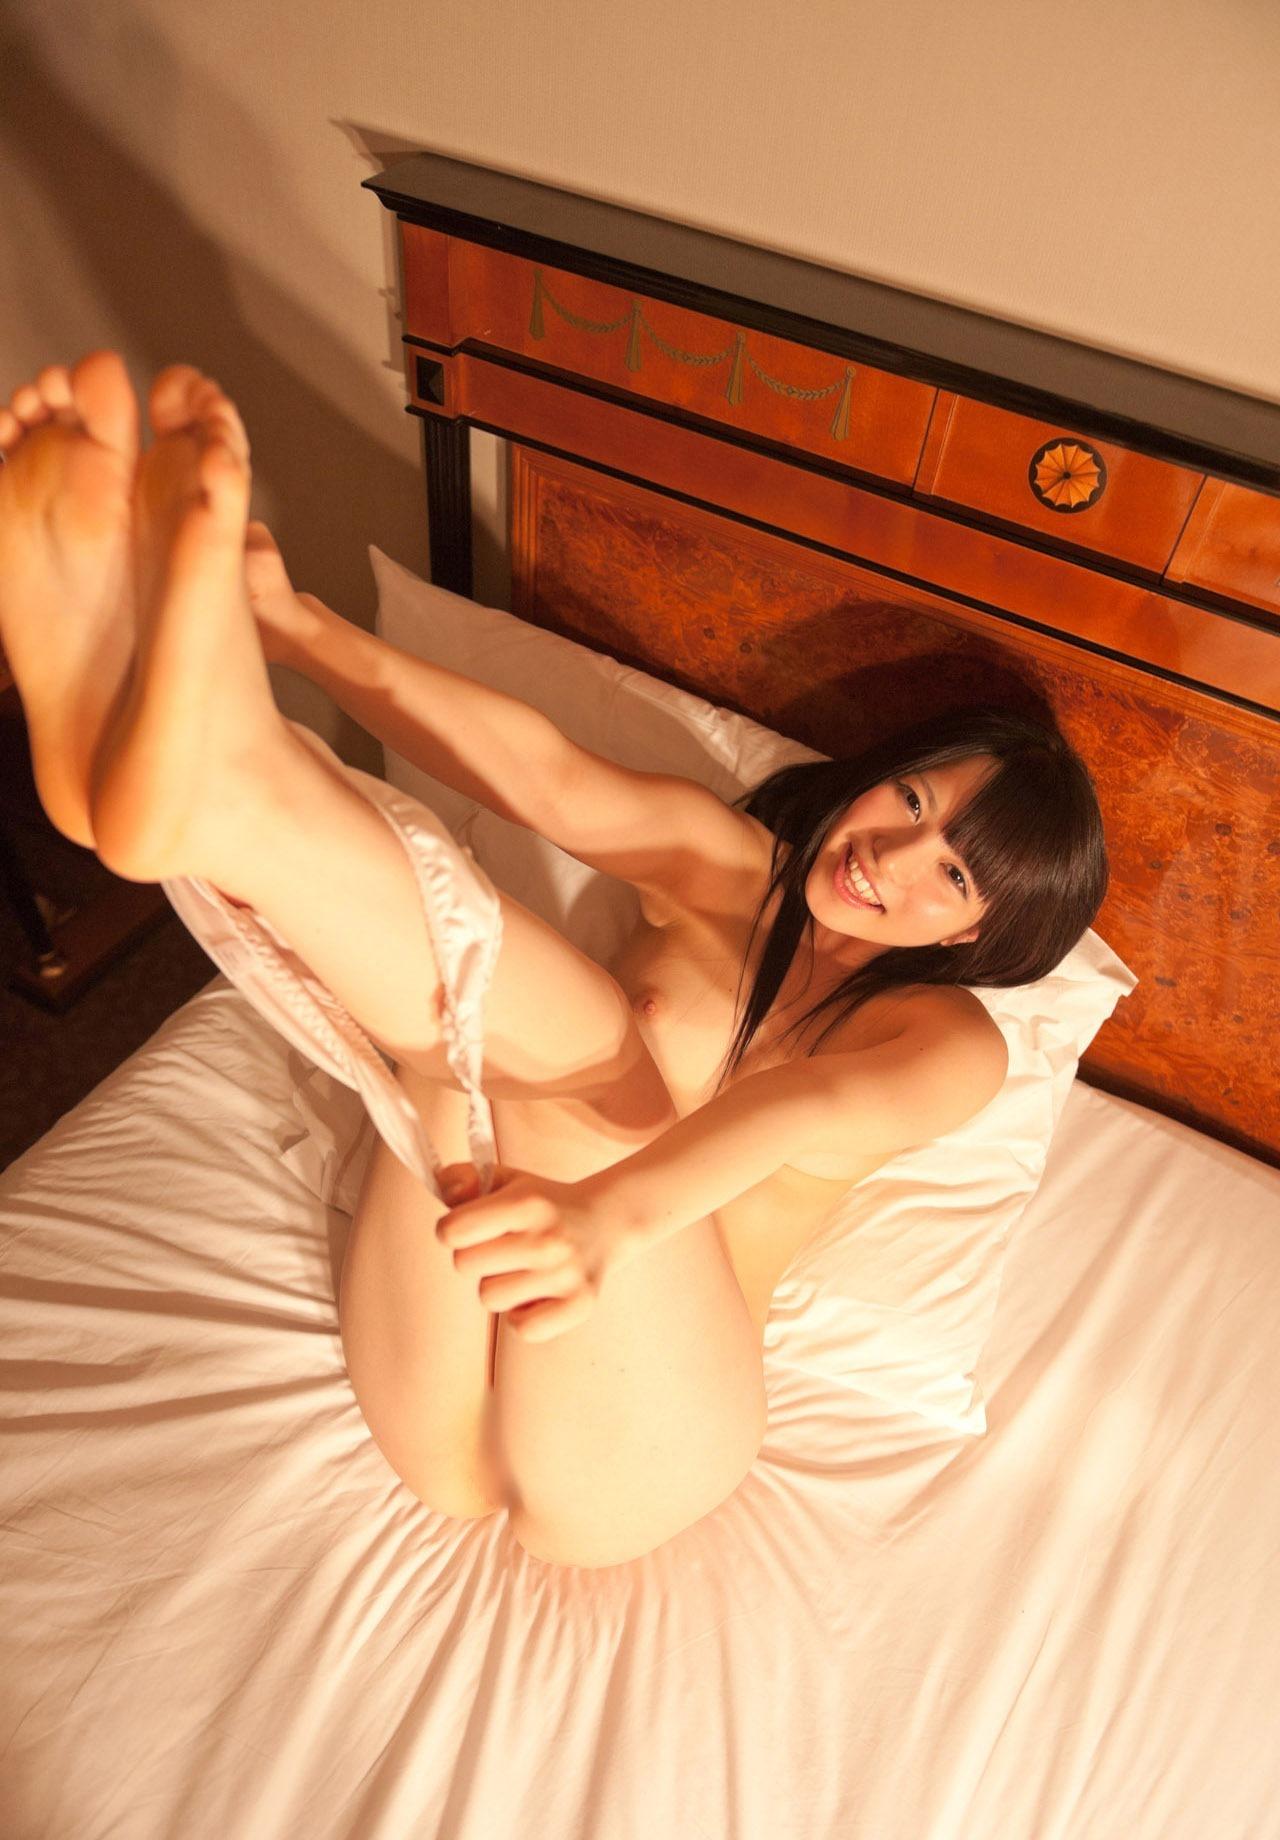 上原亜衣 セックス画像 15